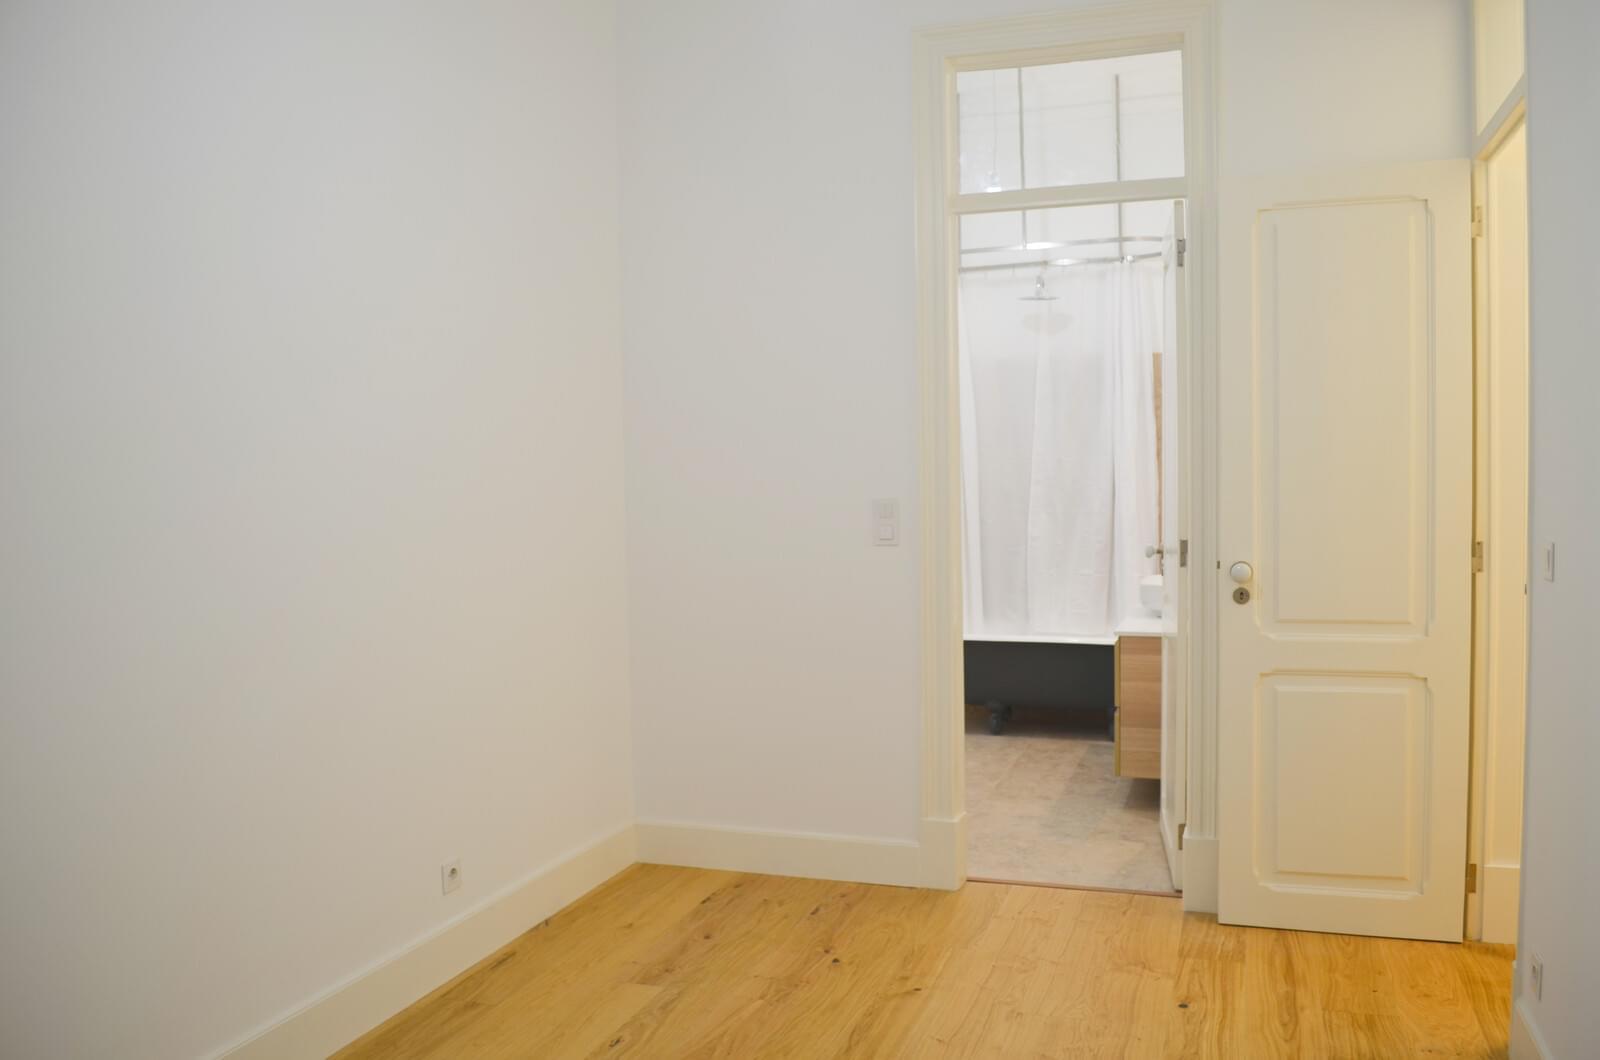 pf18801-apartamento-t2-lisboa-d8b7cd47-0356-40df-81e8-3bd4d46fa96e